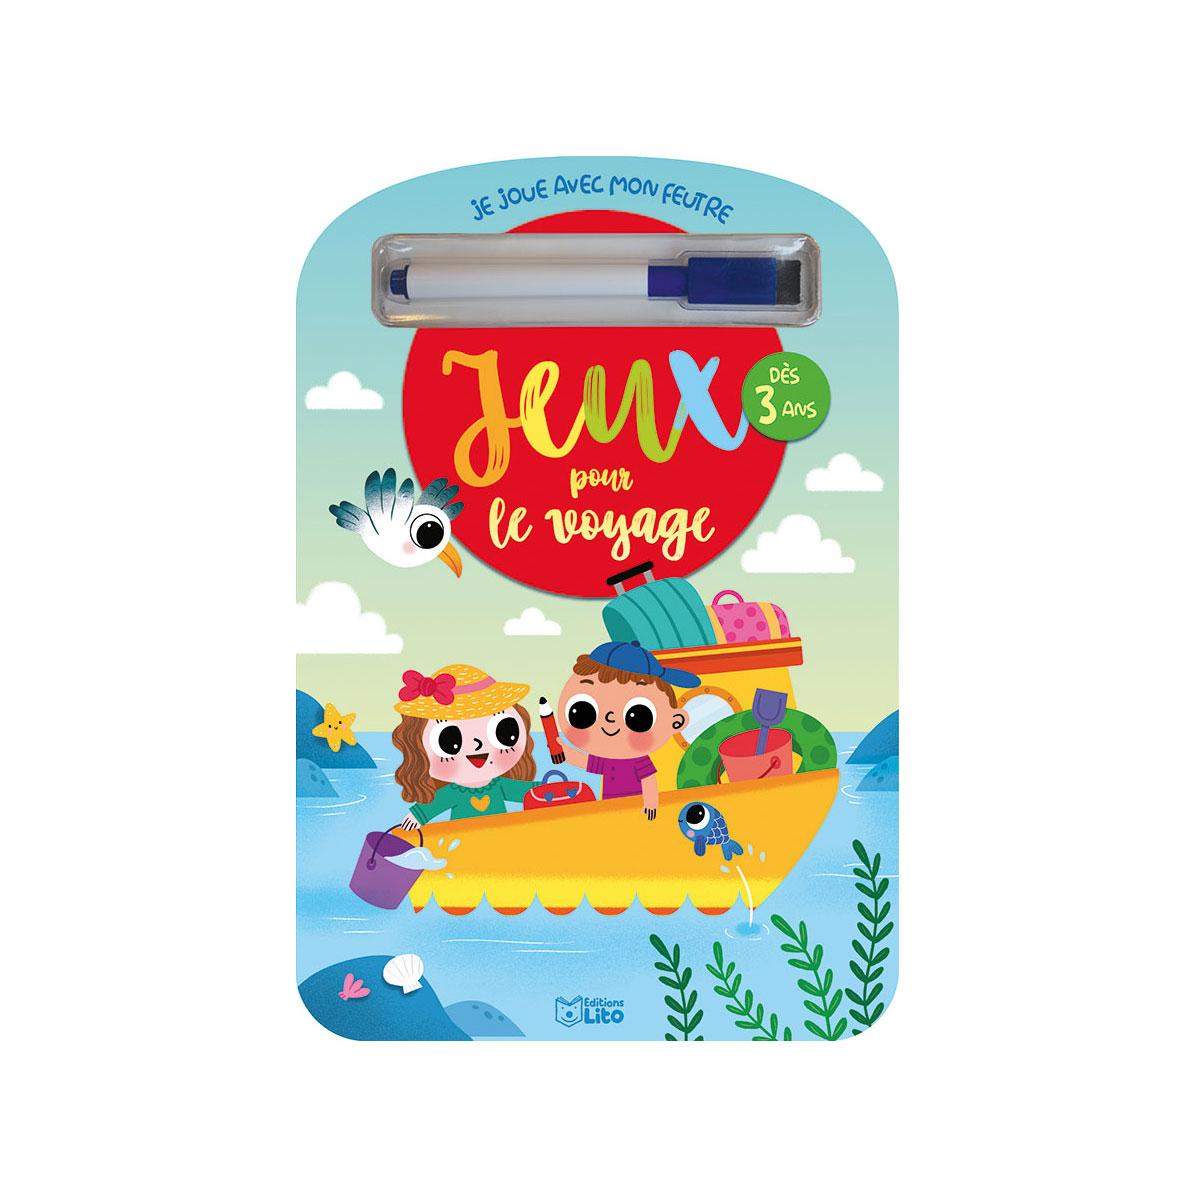 Livre Jeux Pour Le Voyage 3 Ans pour Jeux Gratuit Enfant De 3 Ans